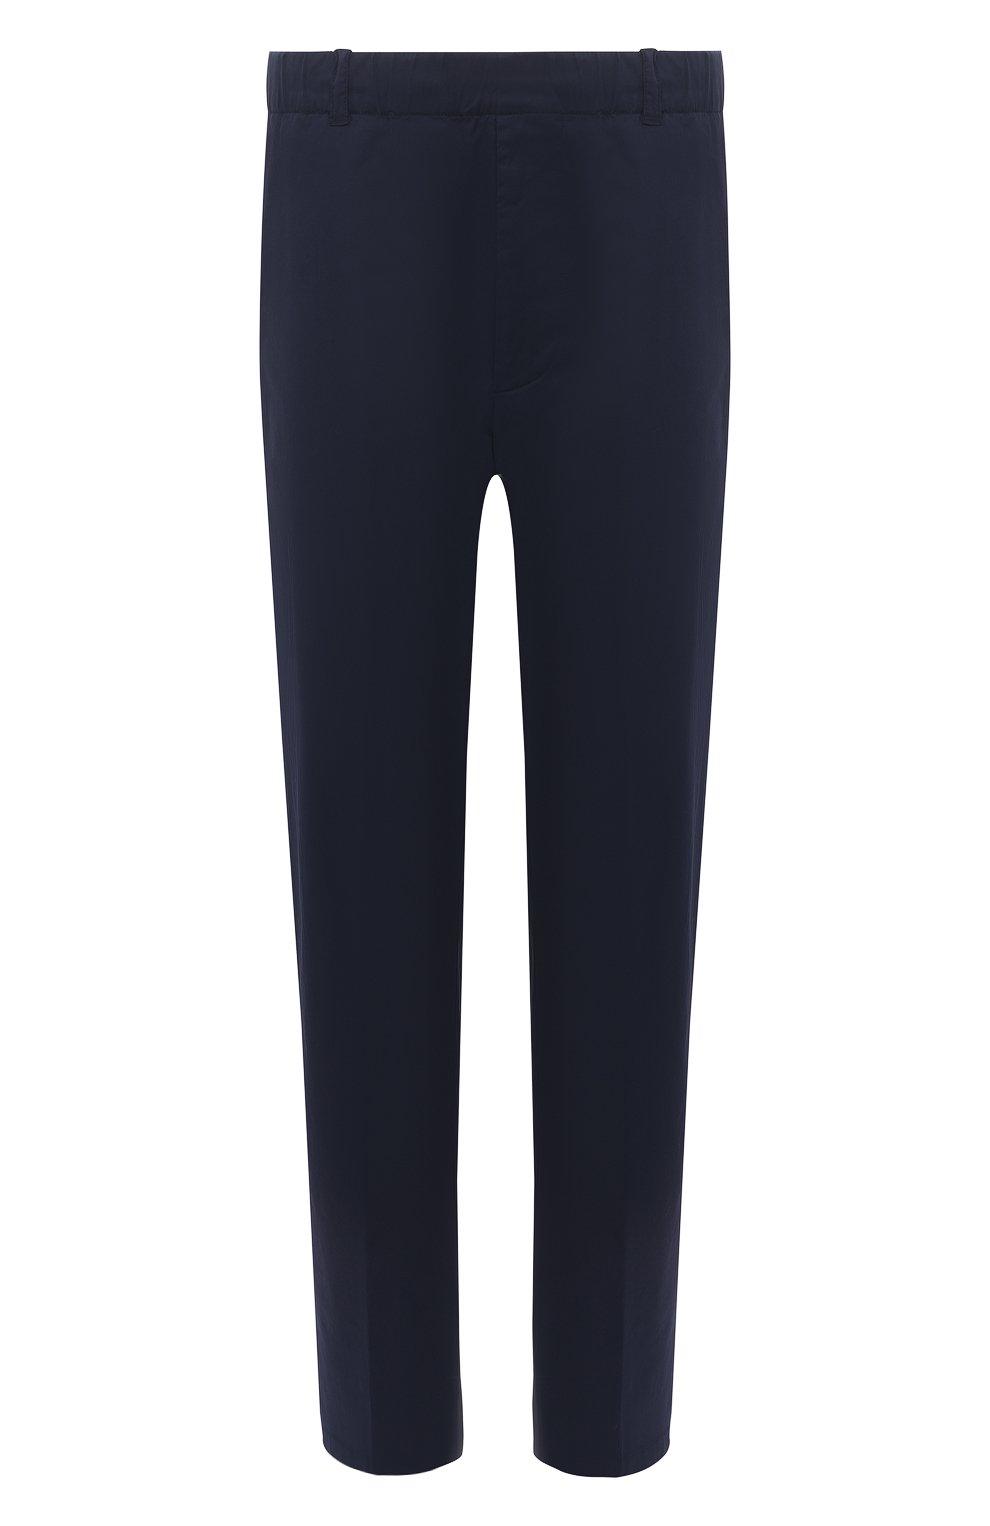 Мужские хлопковые брюки ASPESI темно-синего цвета, арт. S1 A CP32 G436 | Фото 1 (Длина (брюки, джинсы): Стандартные; Случай: Повседневный; Материал внешний: Хлопок; Стили: Кэжуэл)